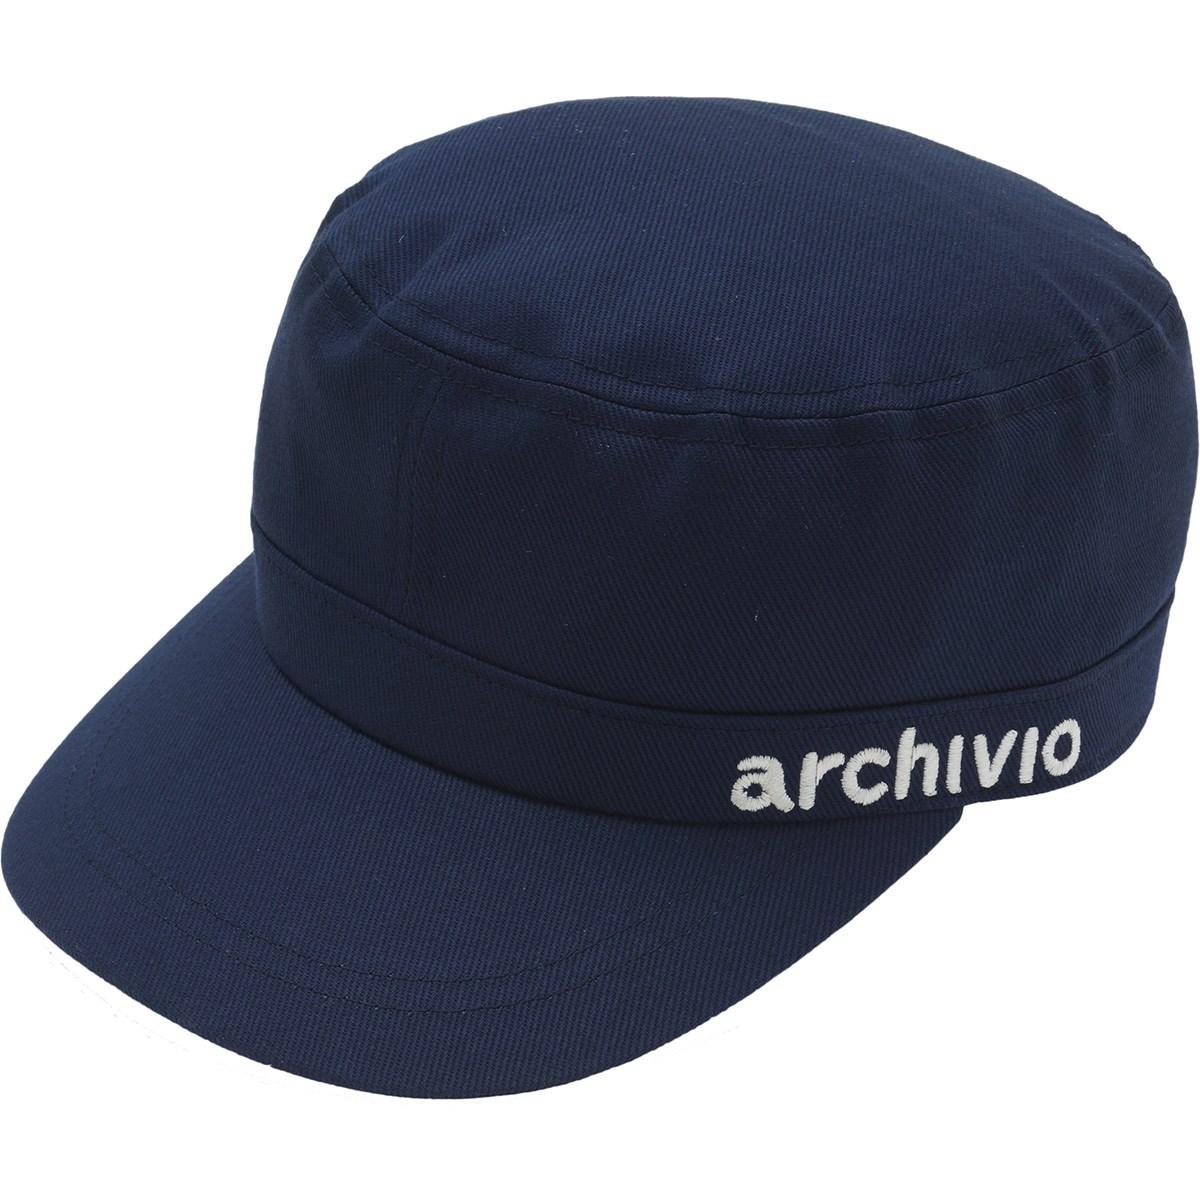 アルチビオ(archivio) ワークキャップ